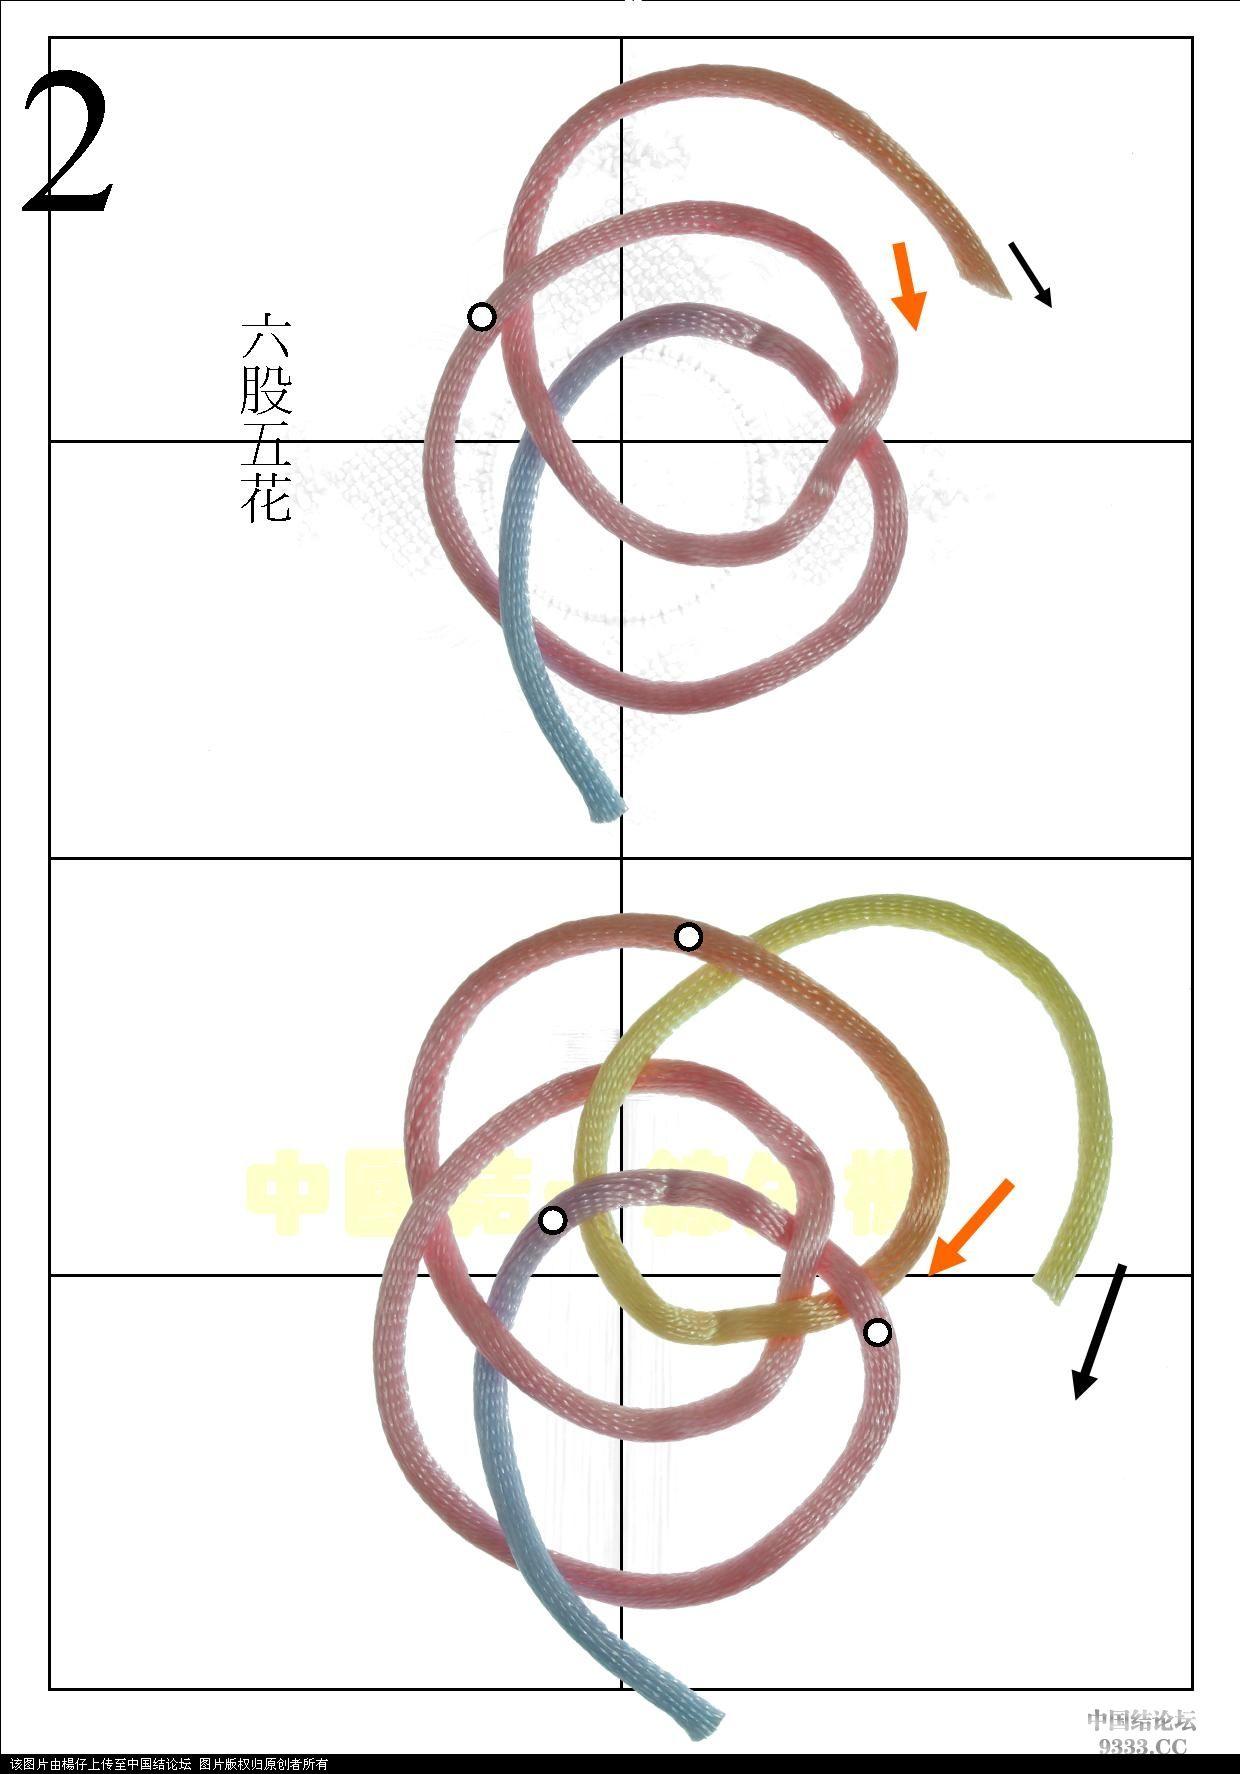 中国结论坛 六股五花  一线生机-杨朝宗专栏 10052611484f412535cbe1426f